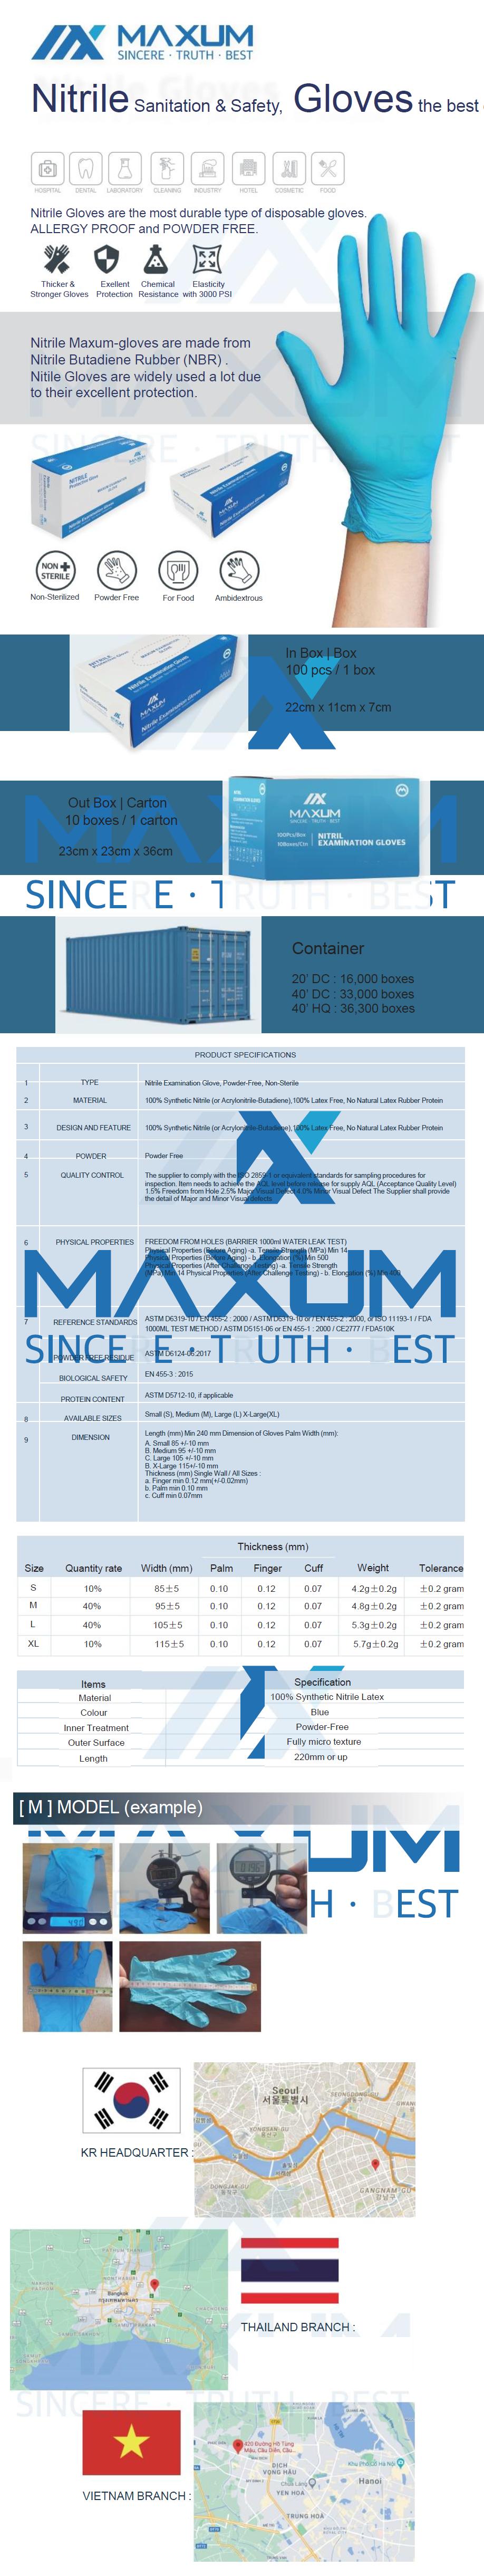 Maxum Gloves by Med Gear USA